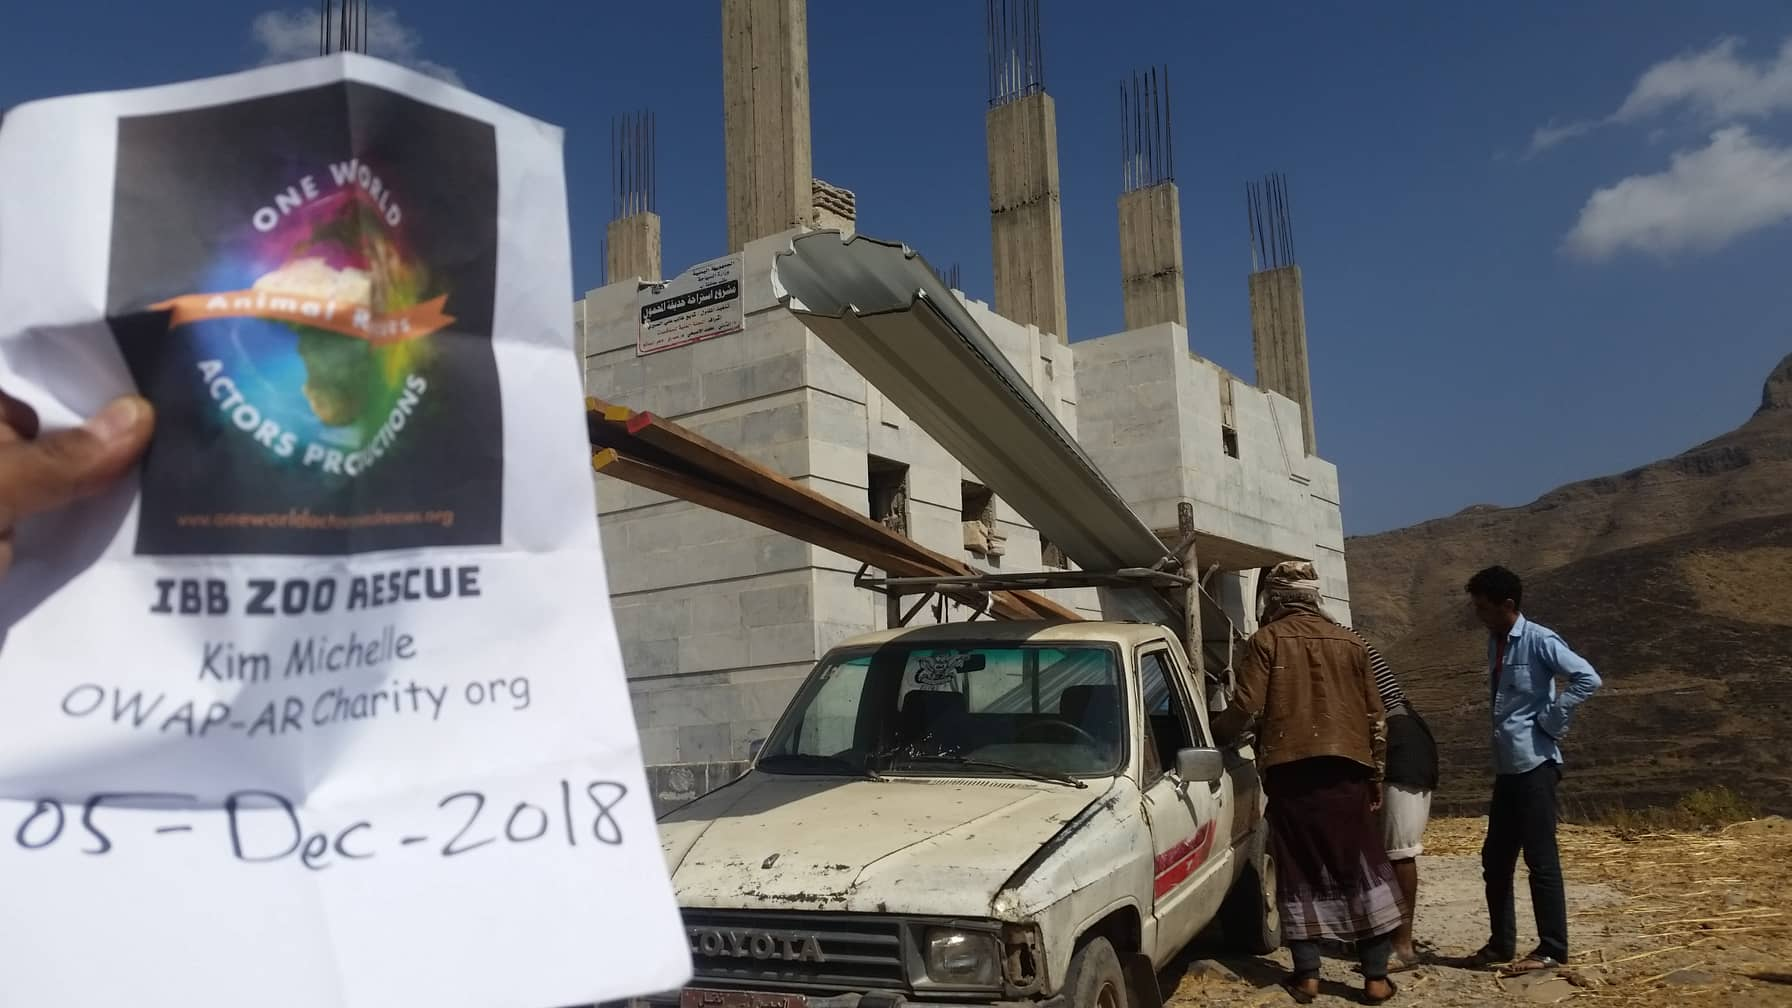 ibb zoo stables project 5 DEC 2018 by OWAP AR yemen rescue hisham sig for OWAP-AR.jpg